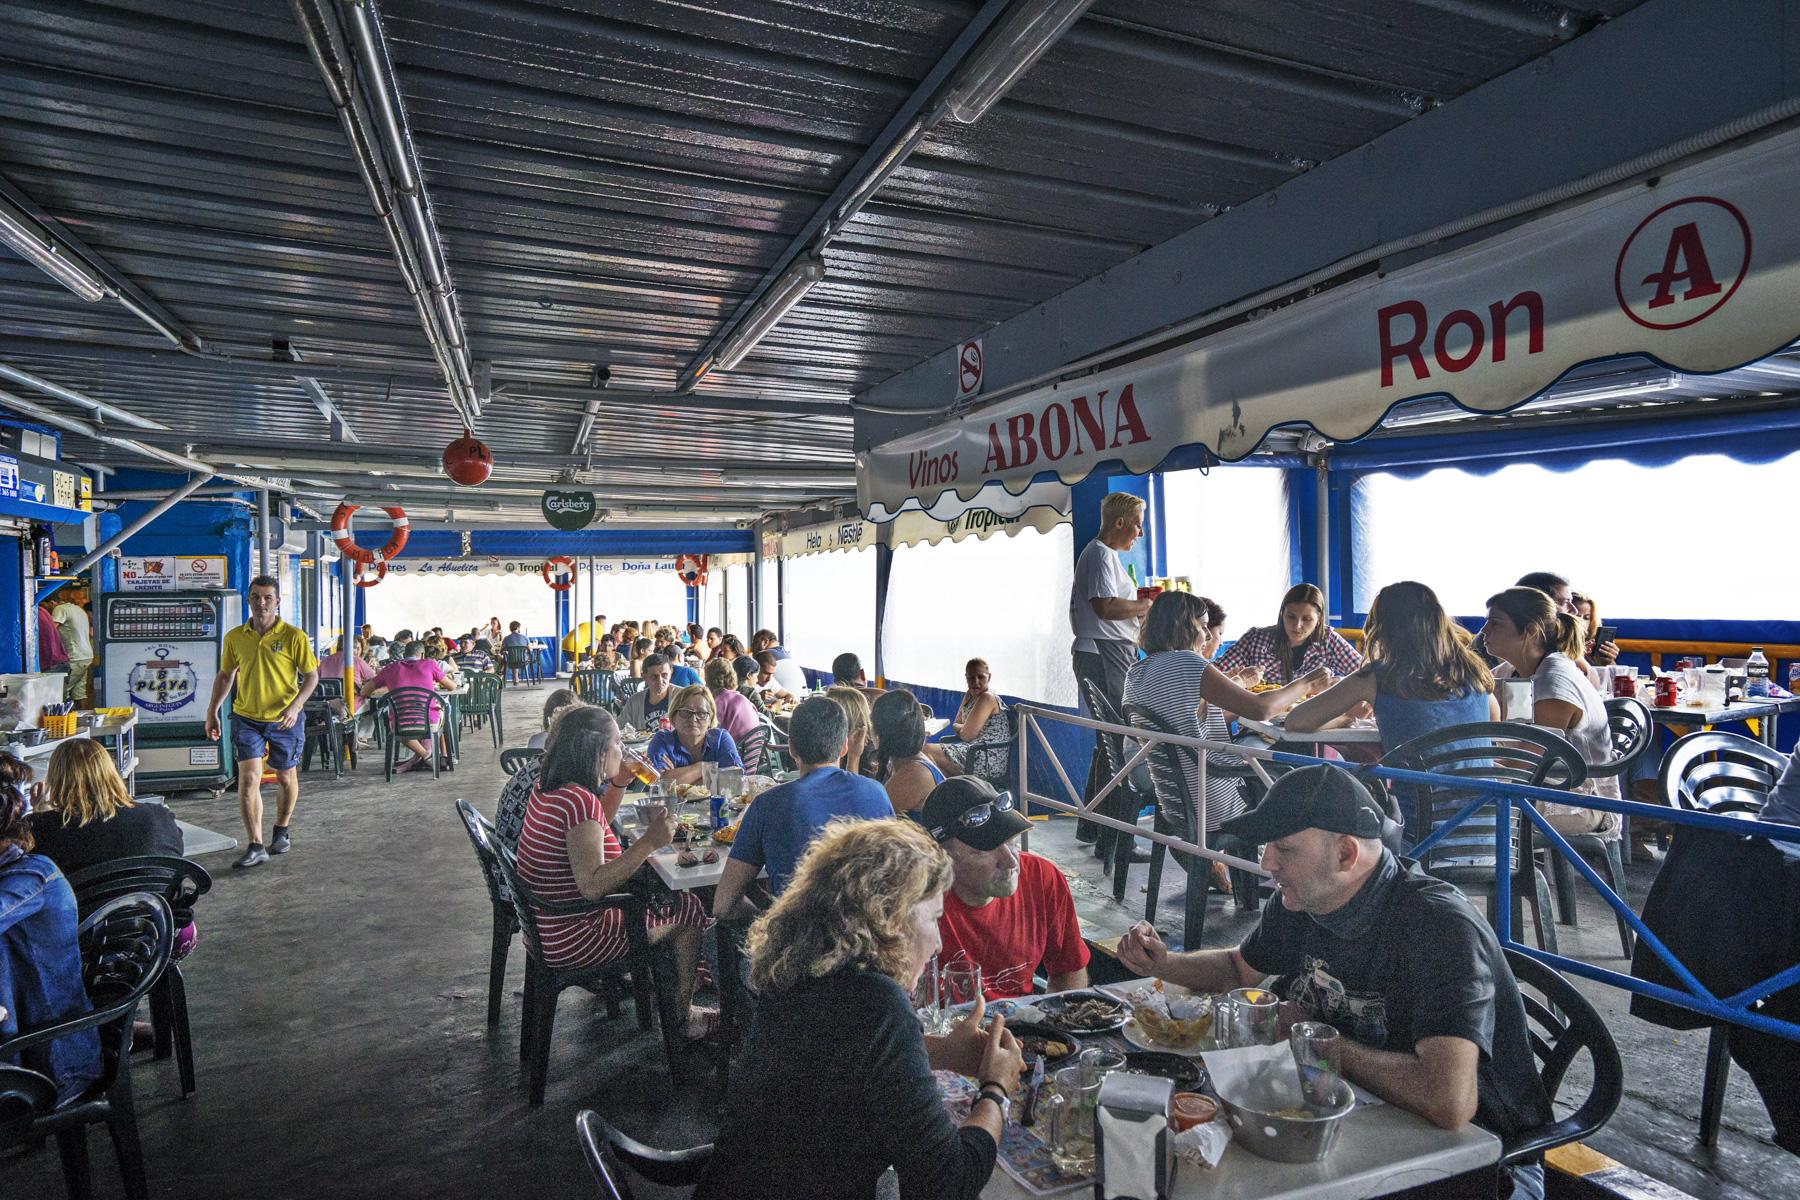 spanien_gran-canaria_arguineguin_playa-bar-el-boya_-1